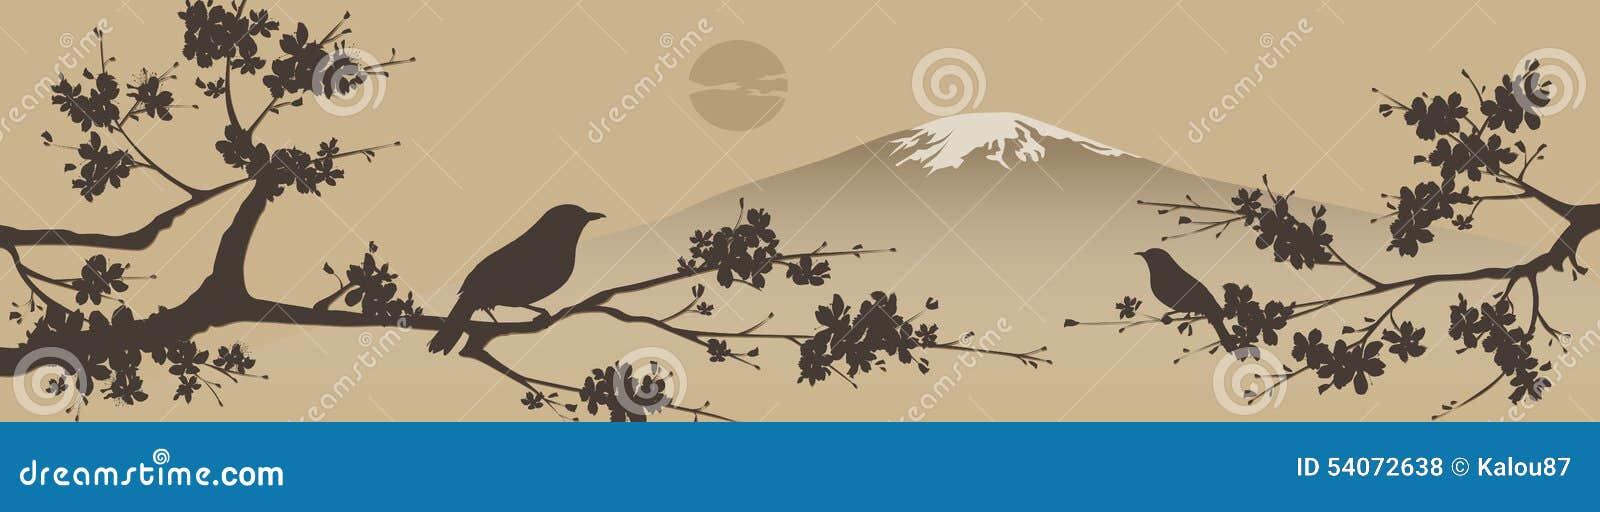 Japans ontwerp met berg fuji en boom sakua vector illustratie afbeelding 54072638 - Boom ontwerp ...